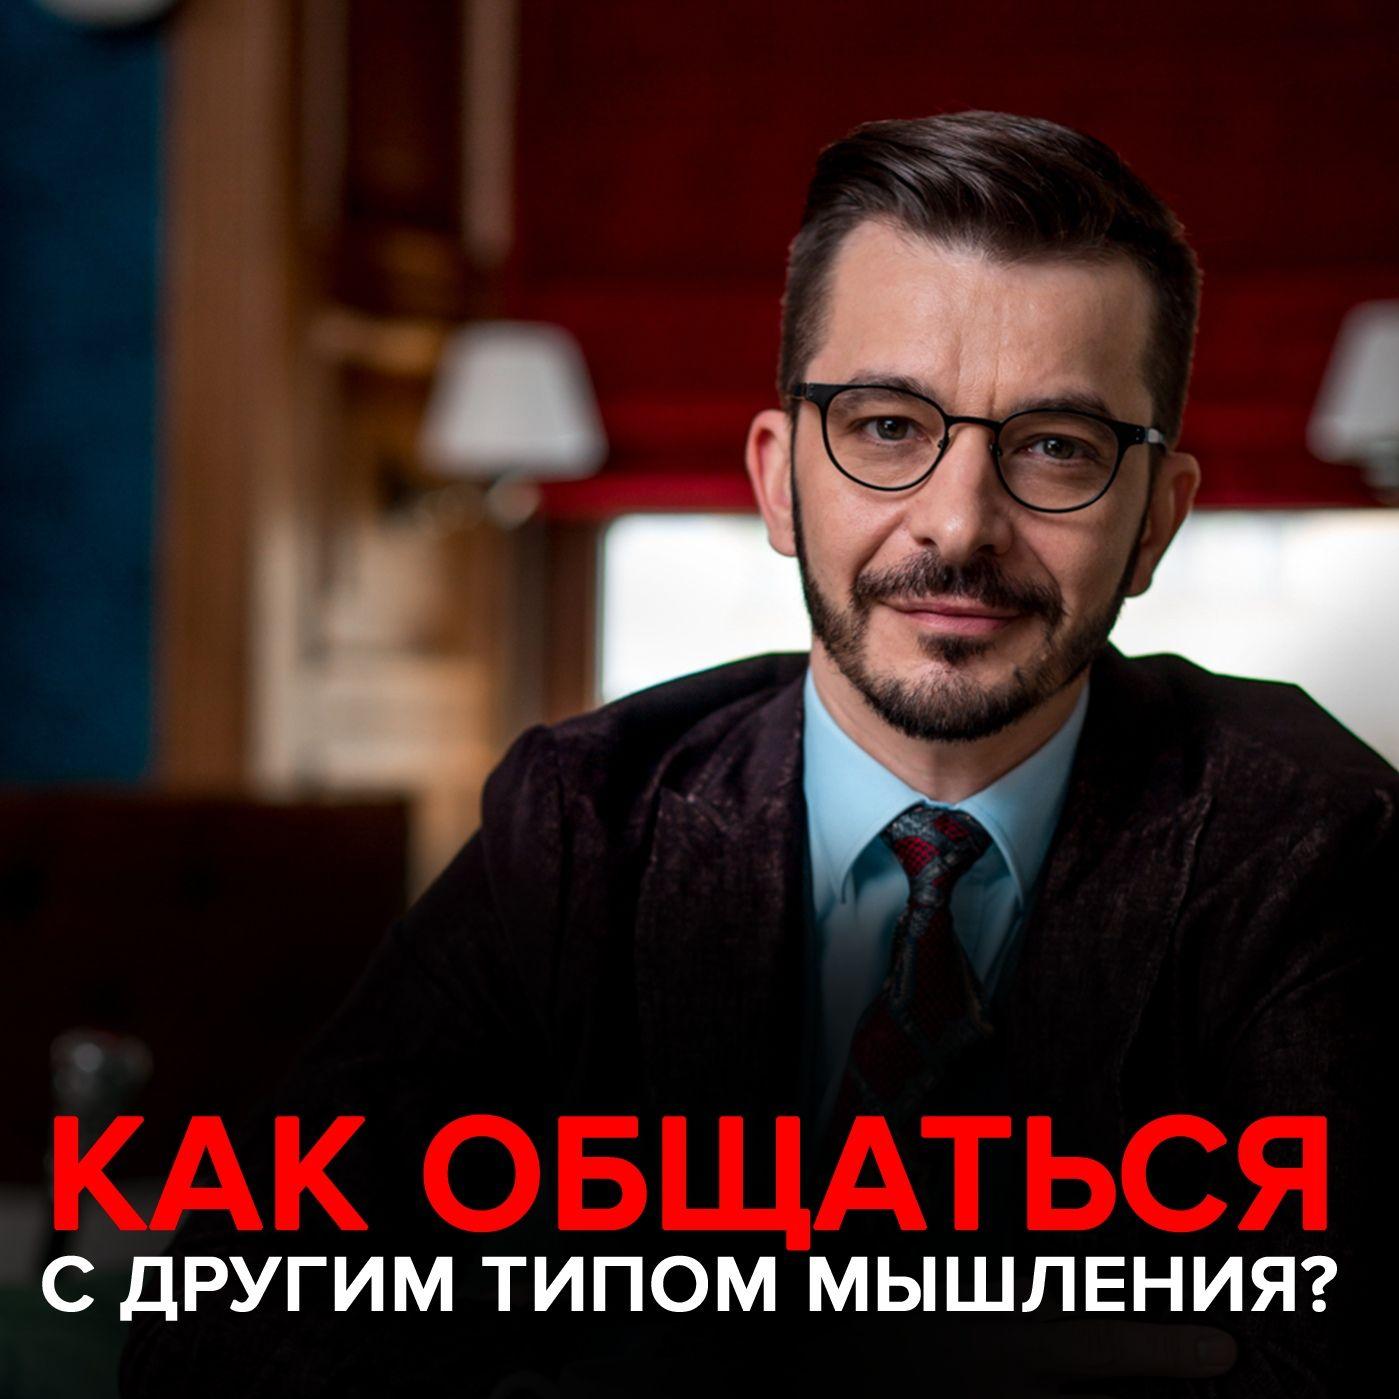 Андрей Курпатов Что такое эффективная социальность?